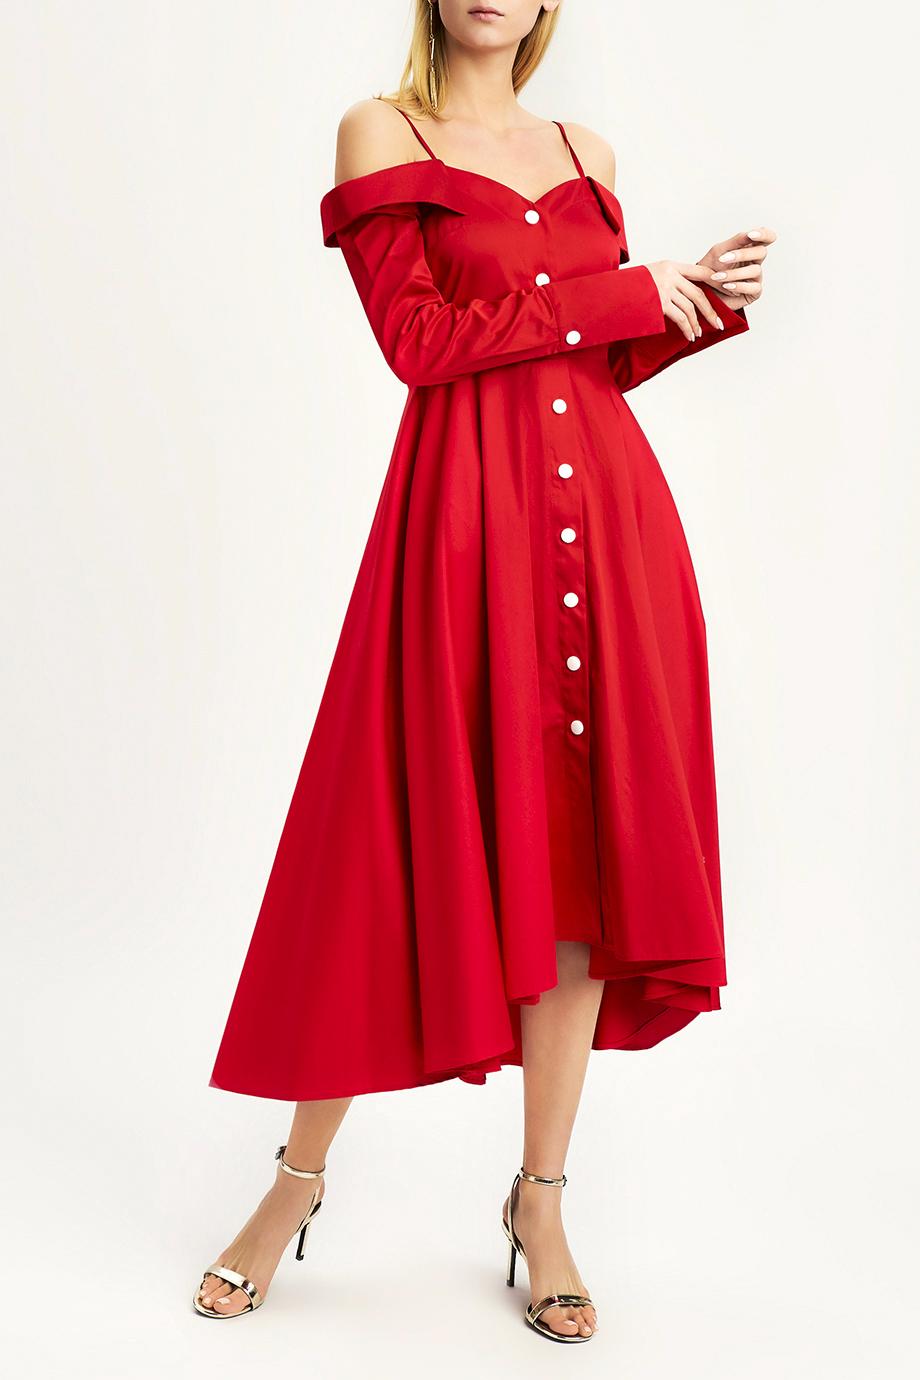 Платье MILAMARSEL Красное платье